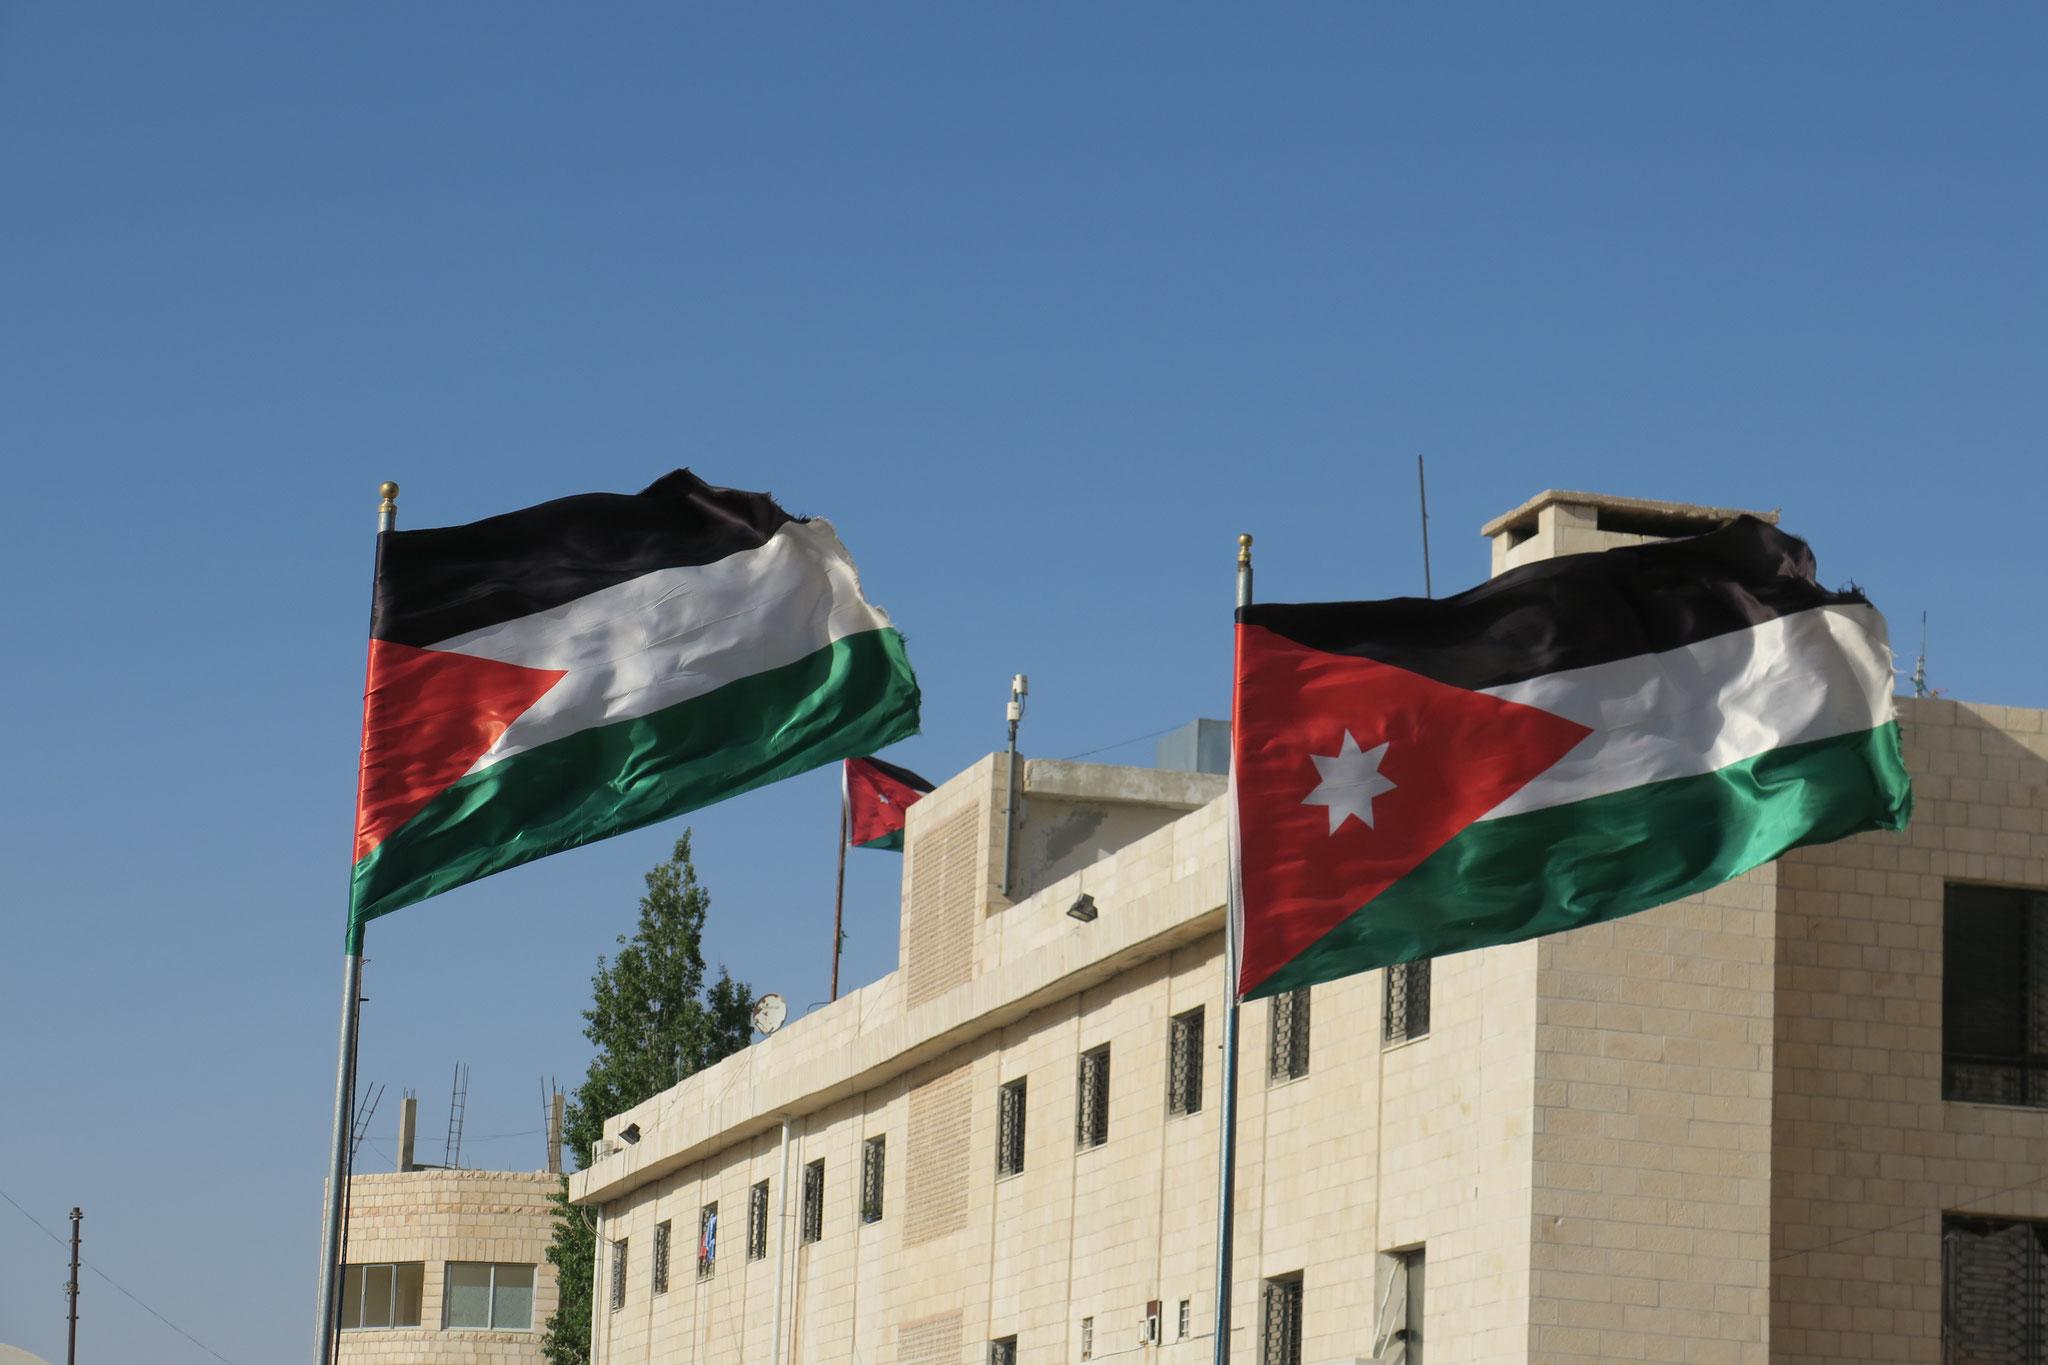 Jordanien ist in etwa gleich groß wie Österreich. Das Land sticht im Nahen Osten hinsichtlich des guten Zusammenlebens zwischen muslimischer Mehrheit und christlicher Minderheit heraus. Gut 200.000 Christen leben in Jordanien.